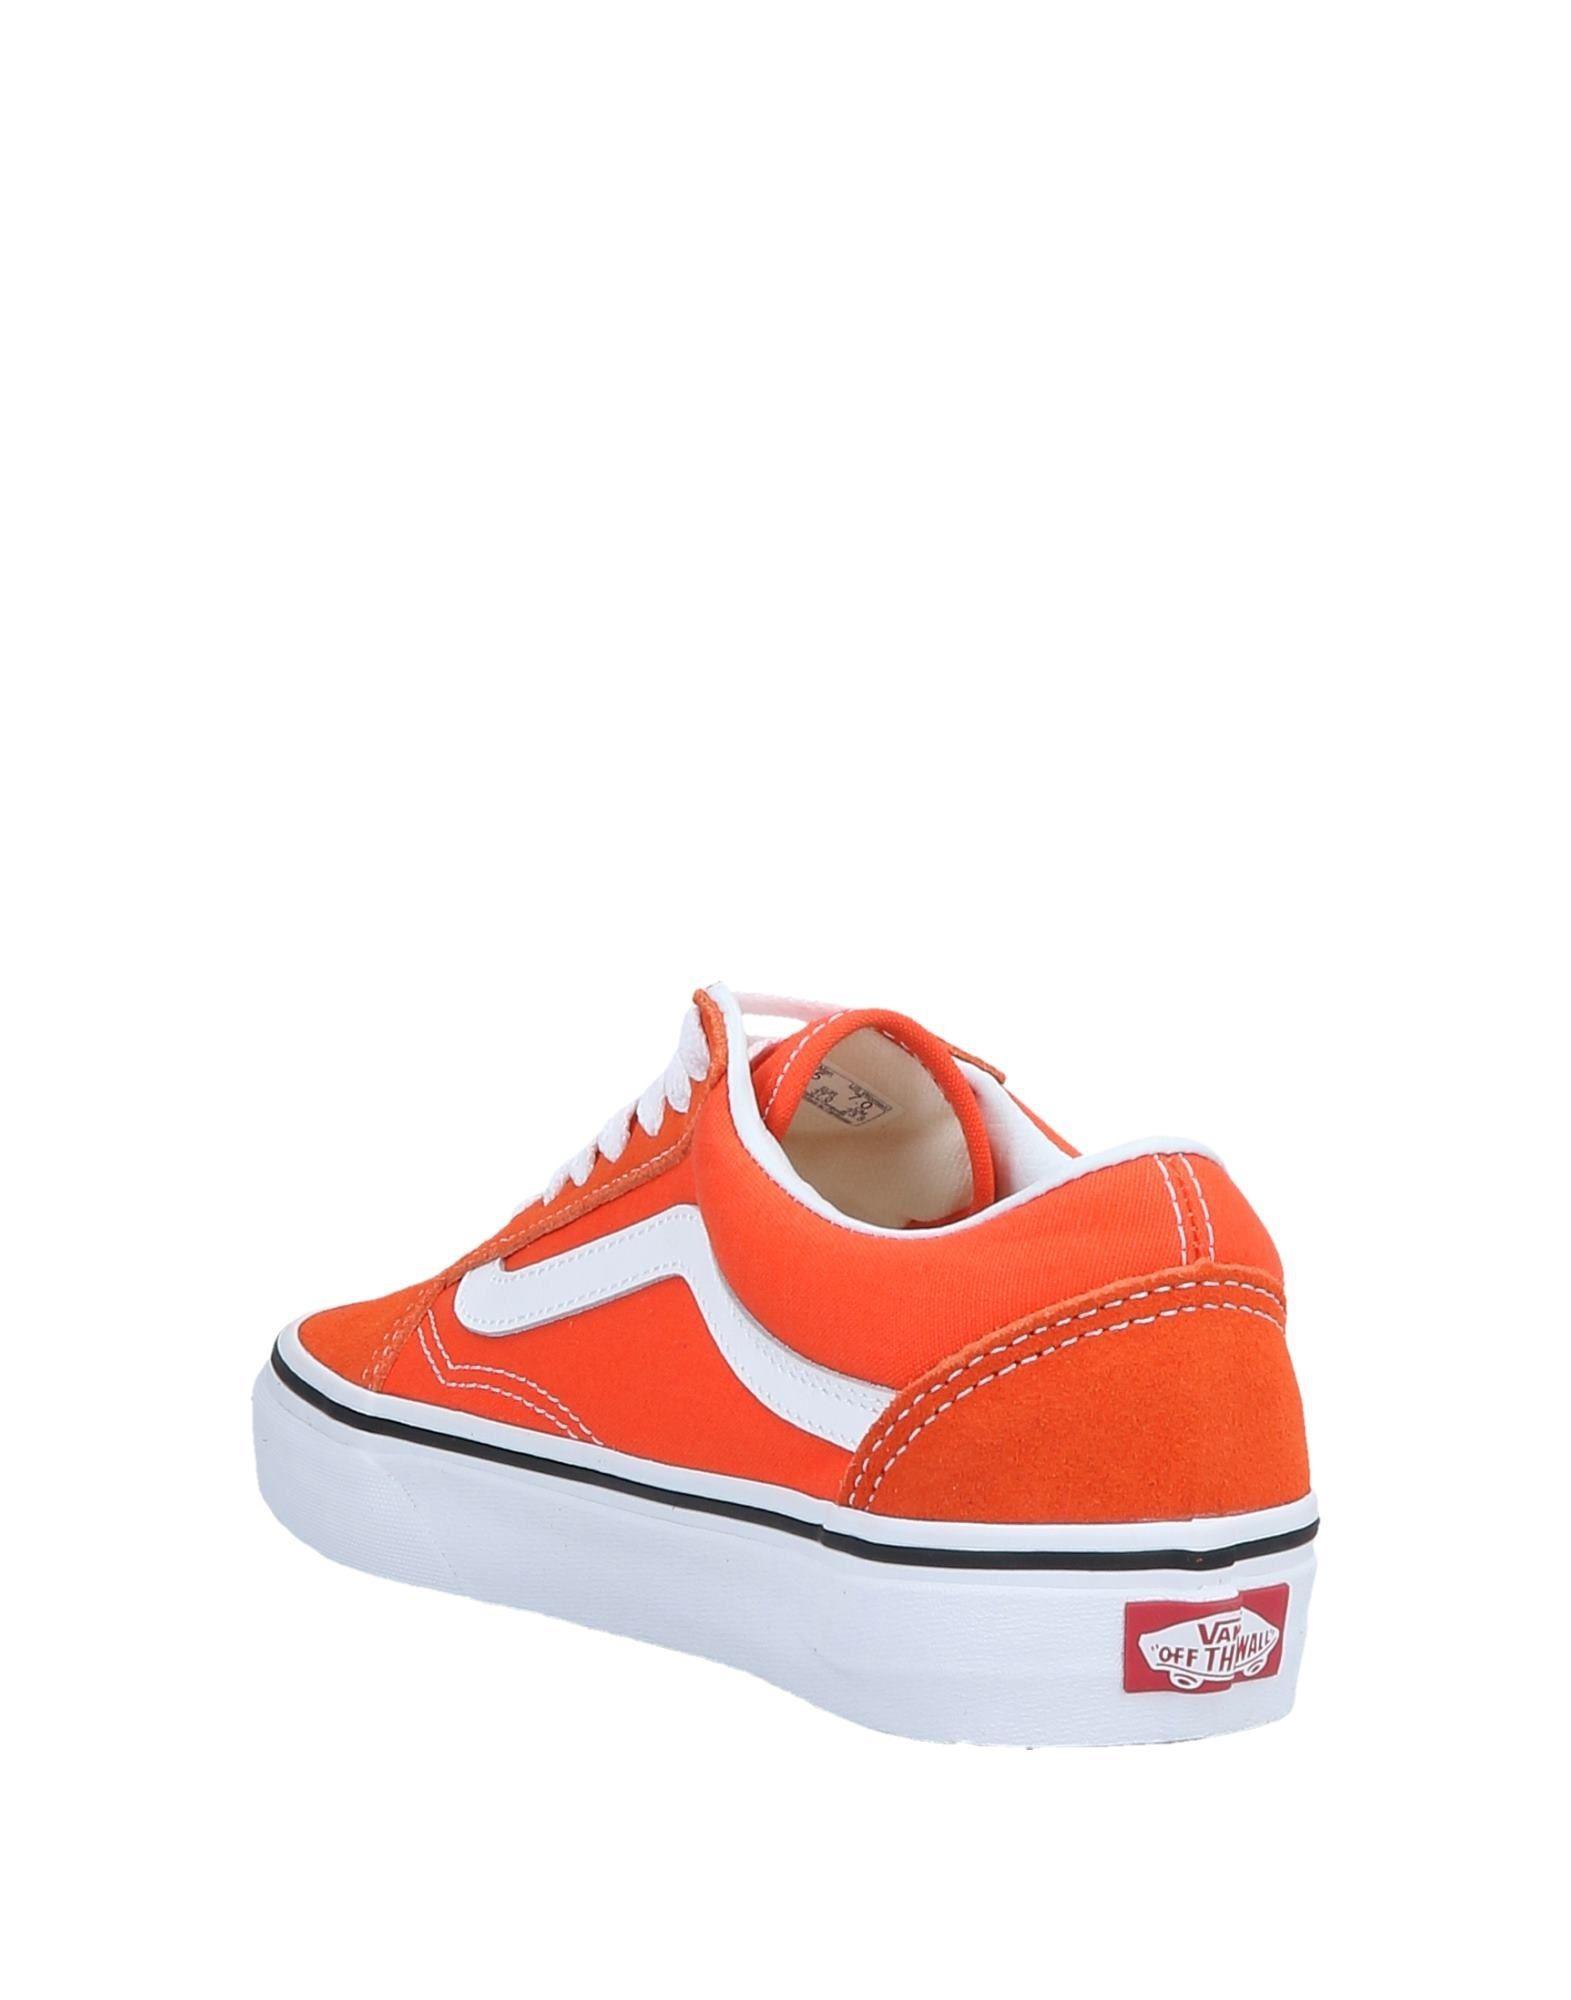 Lyst - Vans Low-tops   Sneakers in Orange aba2ac1a3